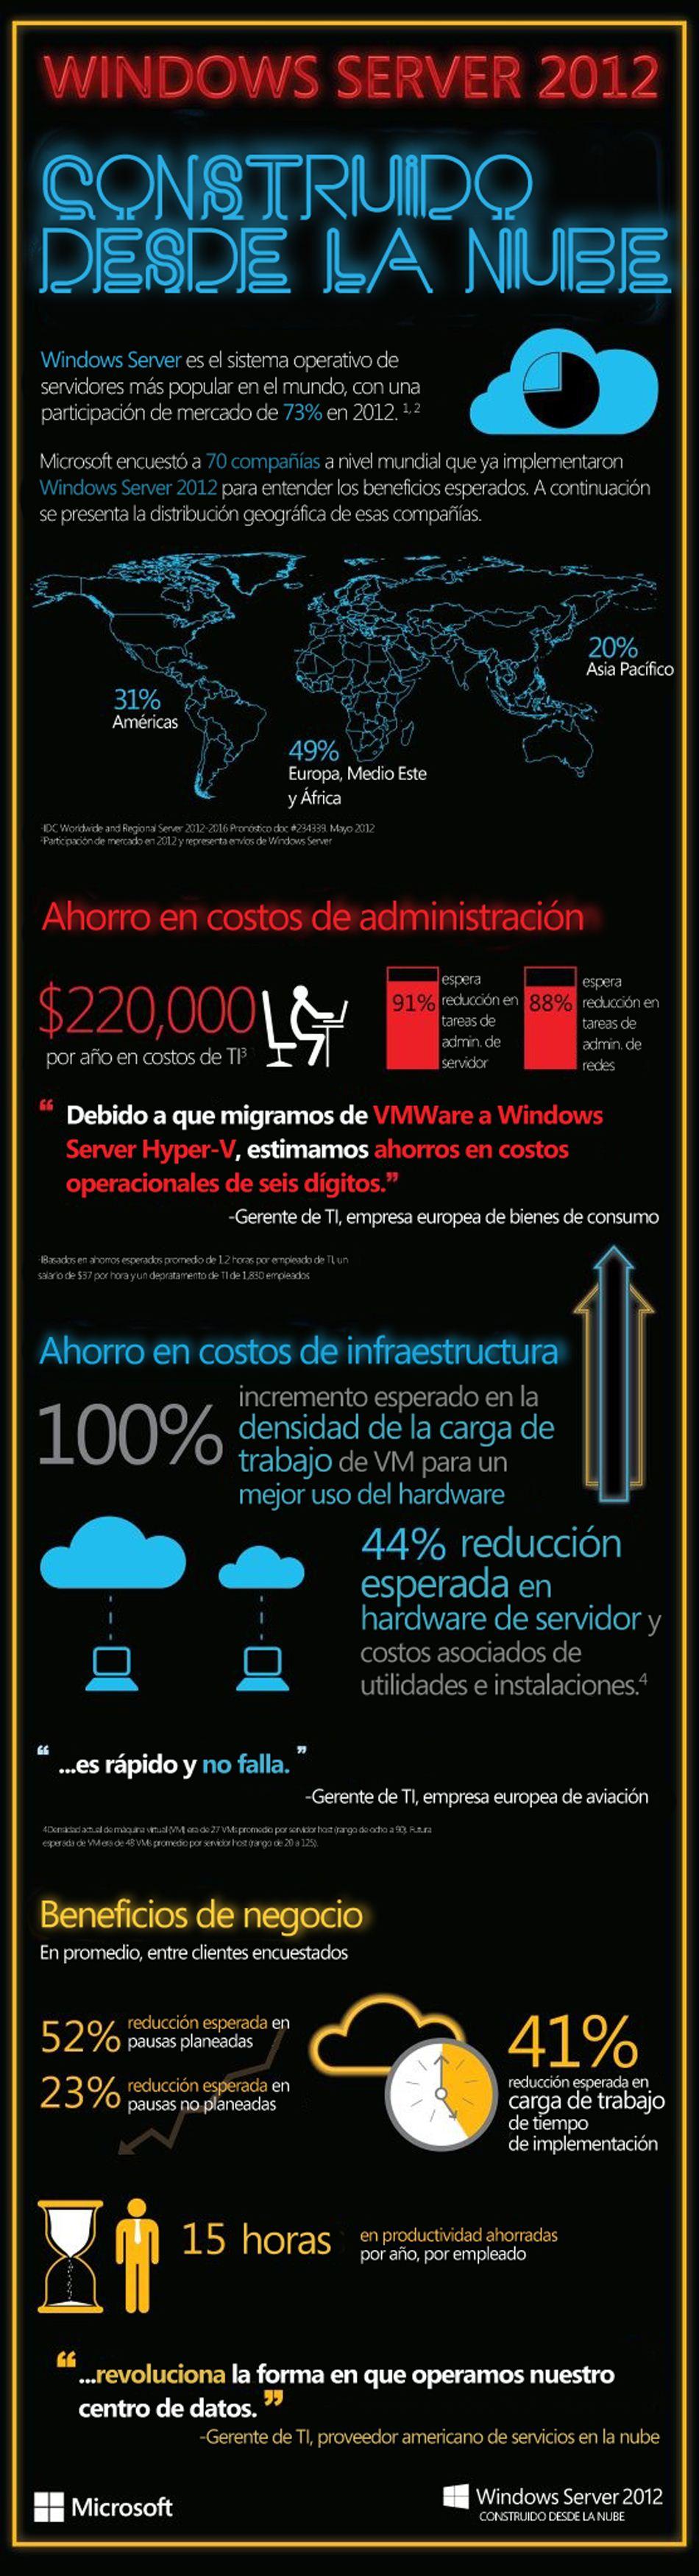 Lanzamiento Windows Server 2012 - Infografía